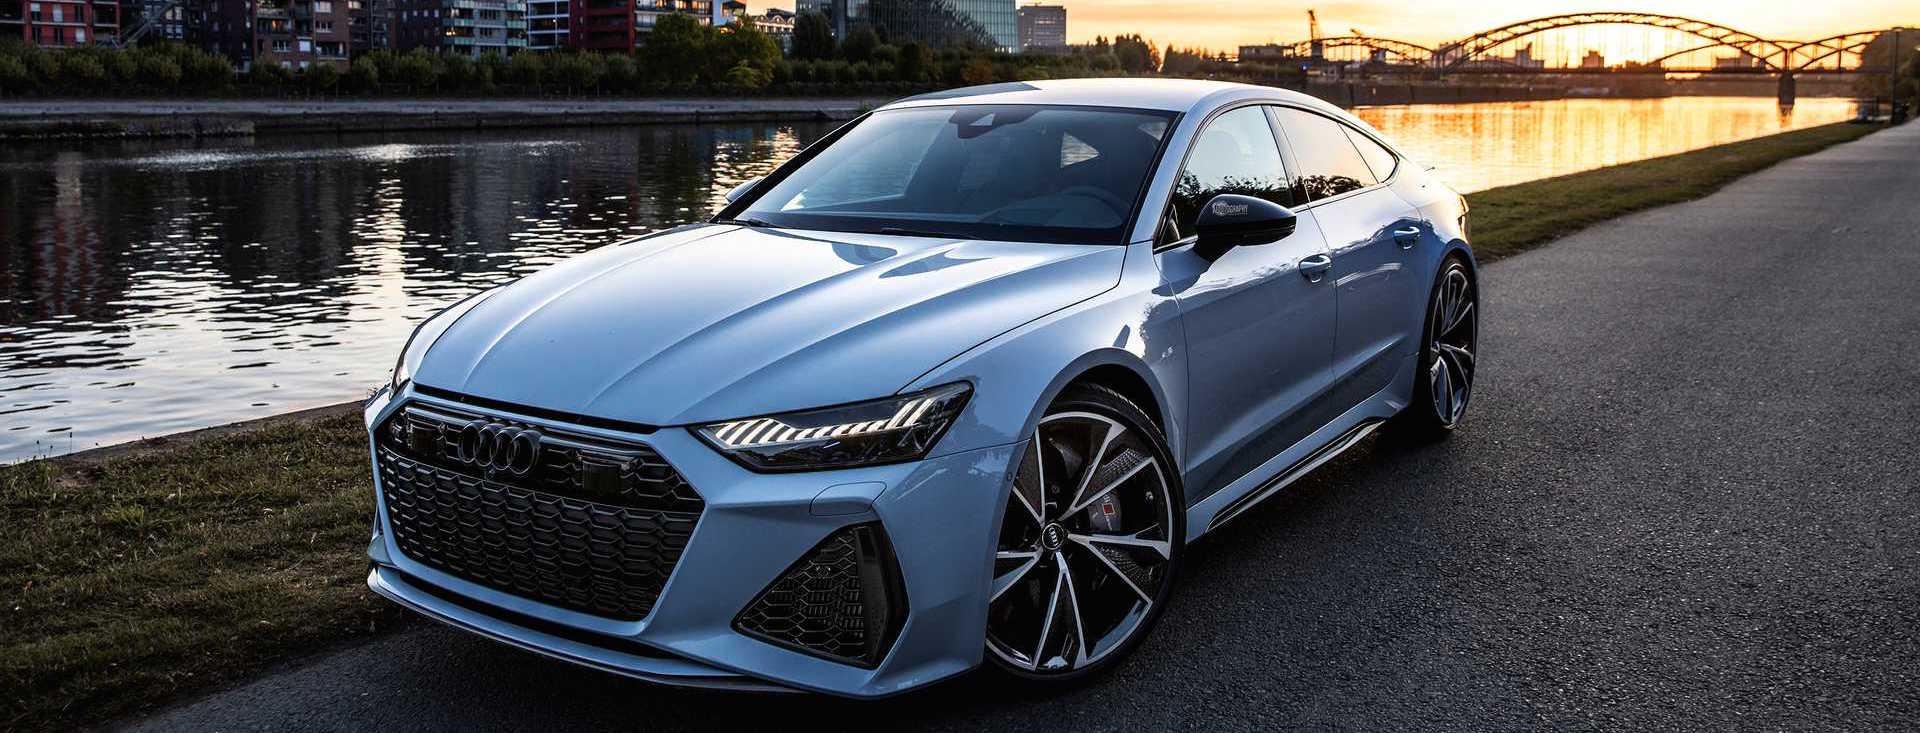 2020 Audi Rs7 Incelemesi Yolcu360 Com Arac Inceleme